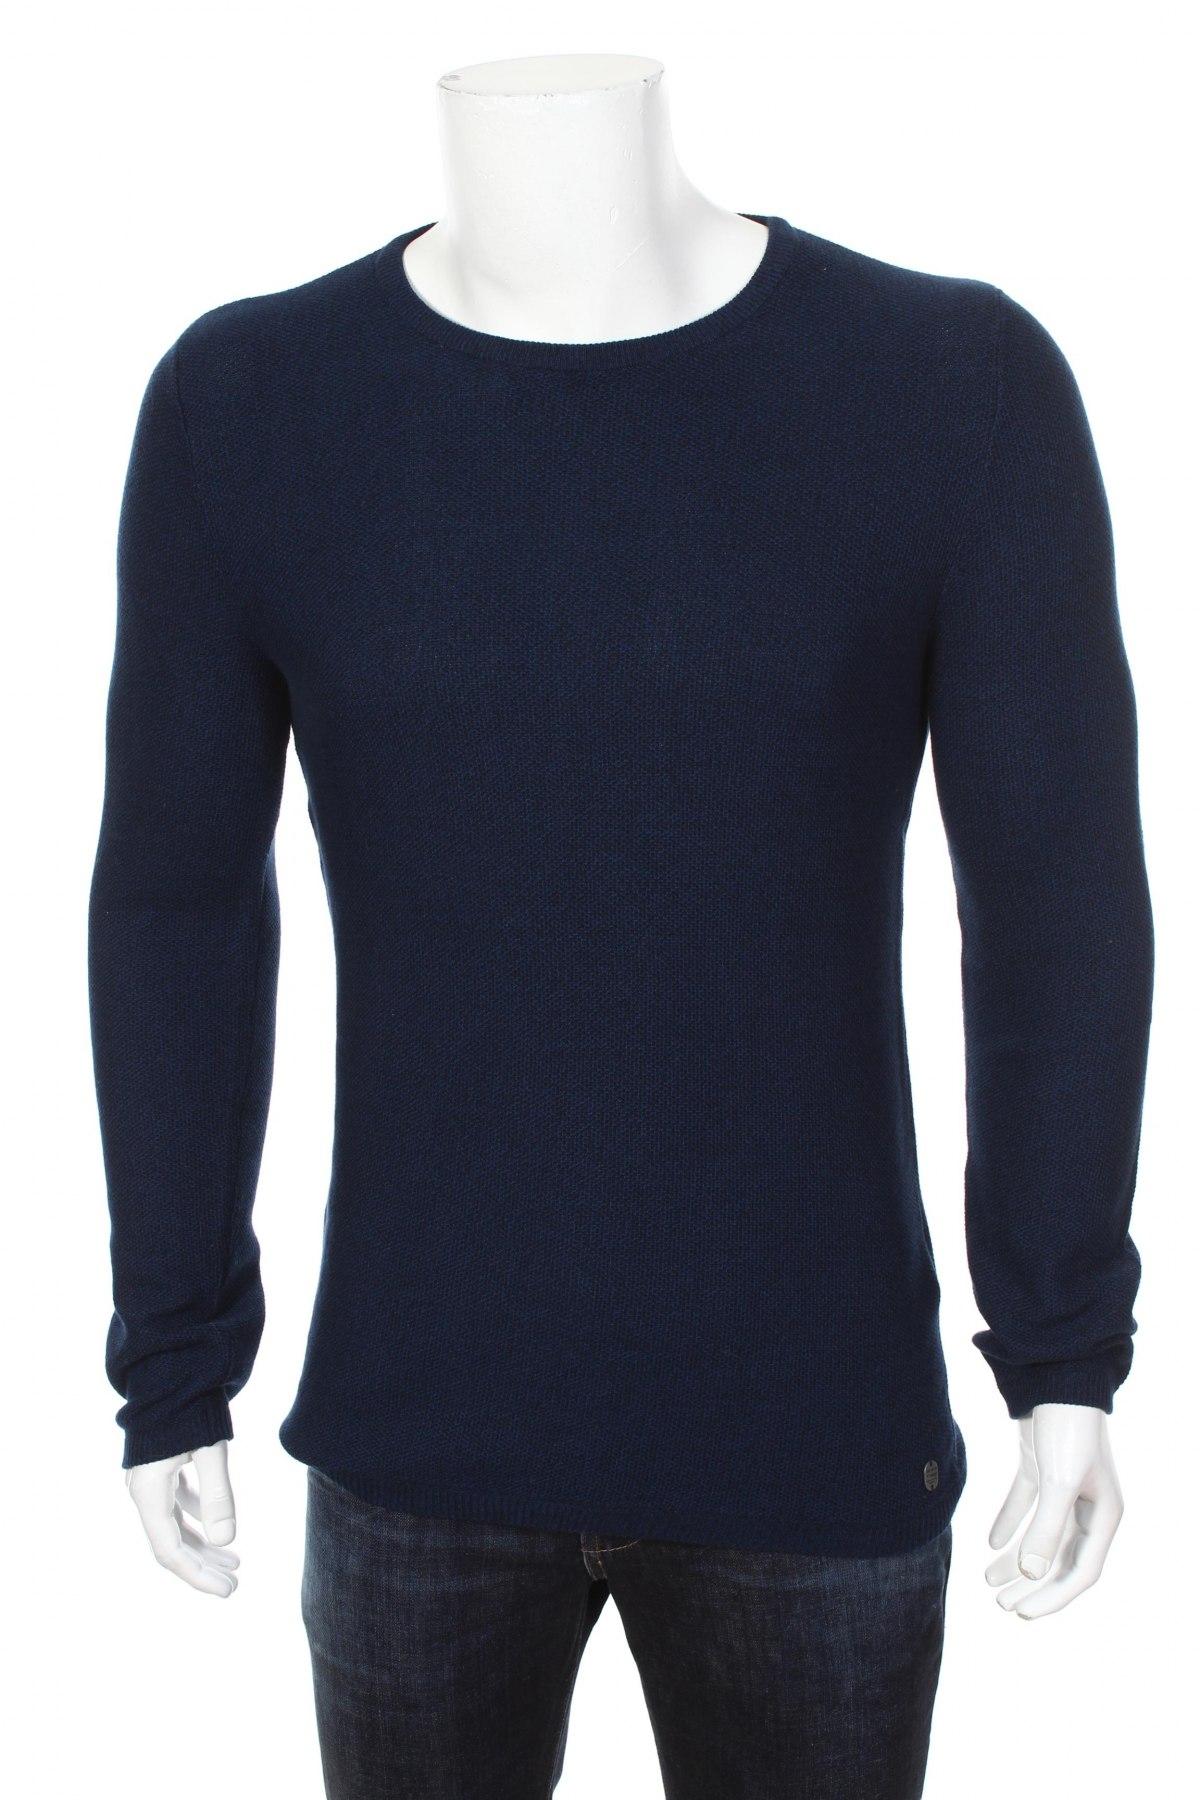 52879e77c961 Pánský svetr Tom Tailor - za vyhodnou cenu na Remix -  104464298